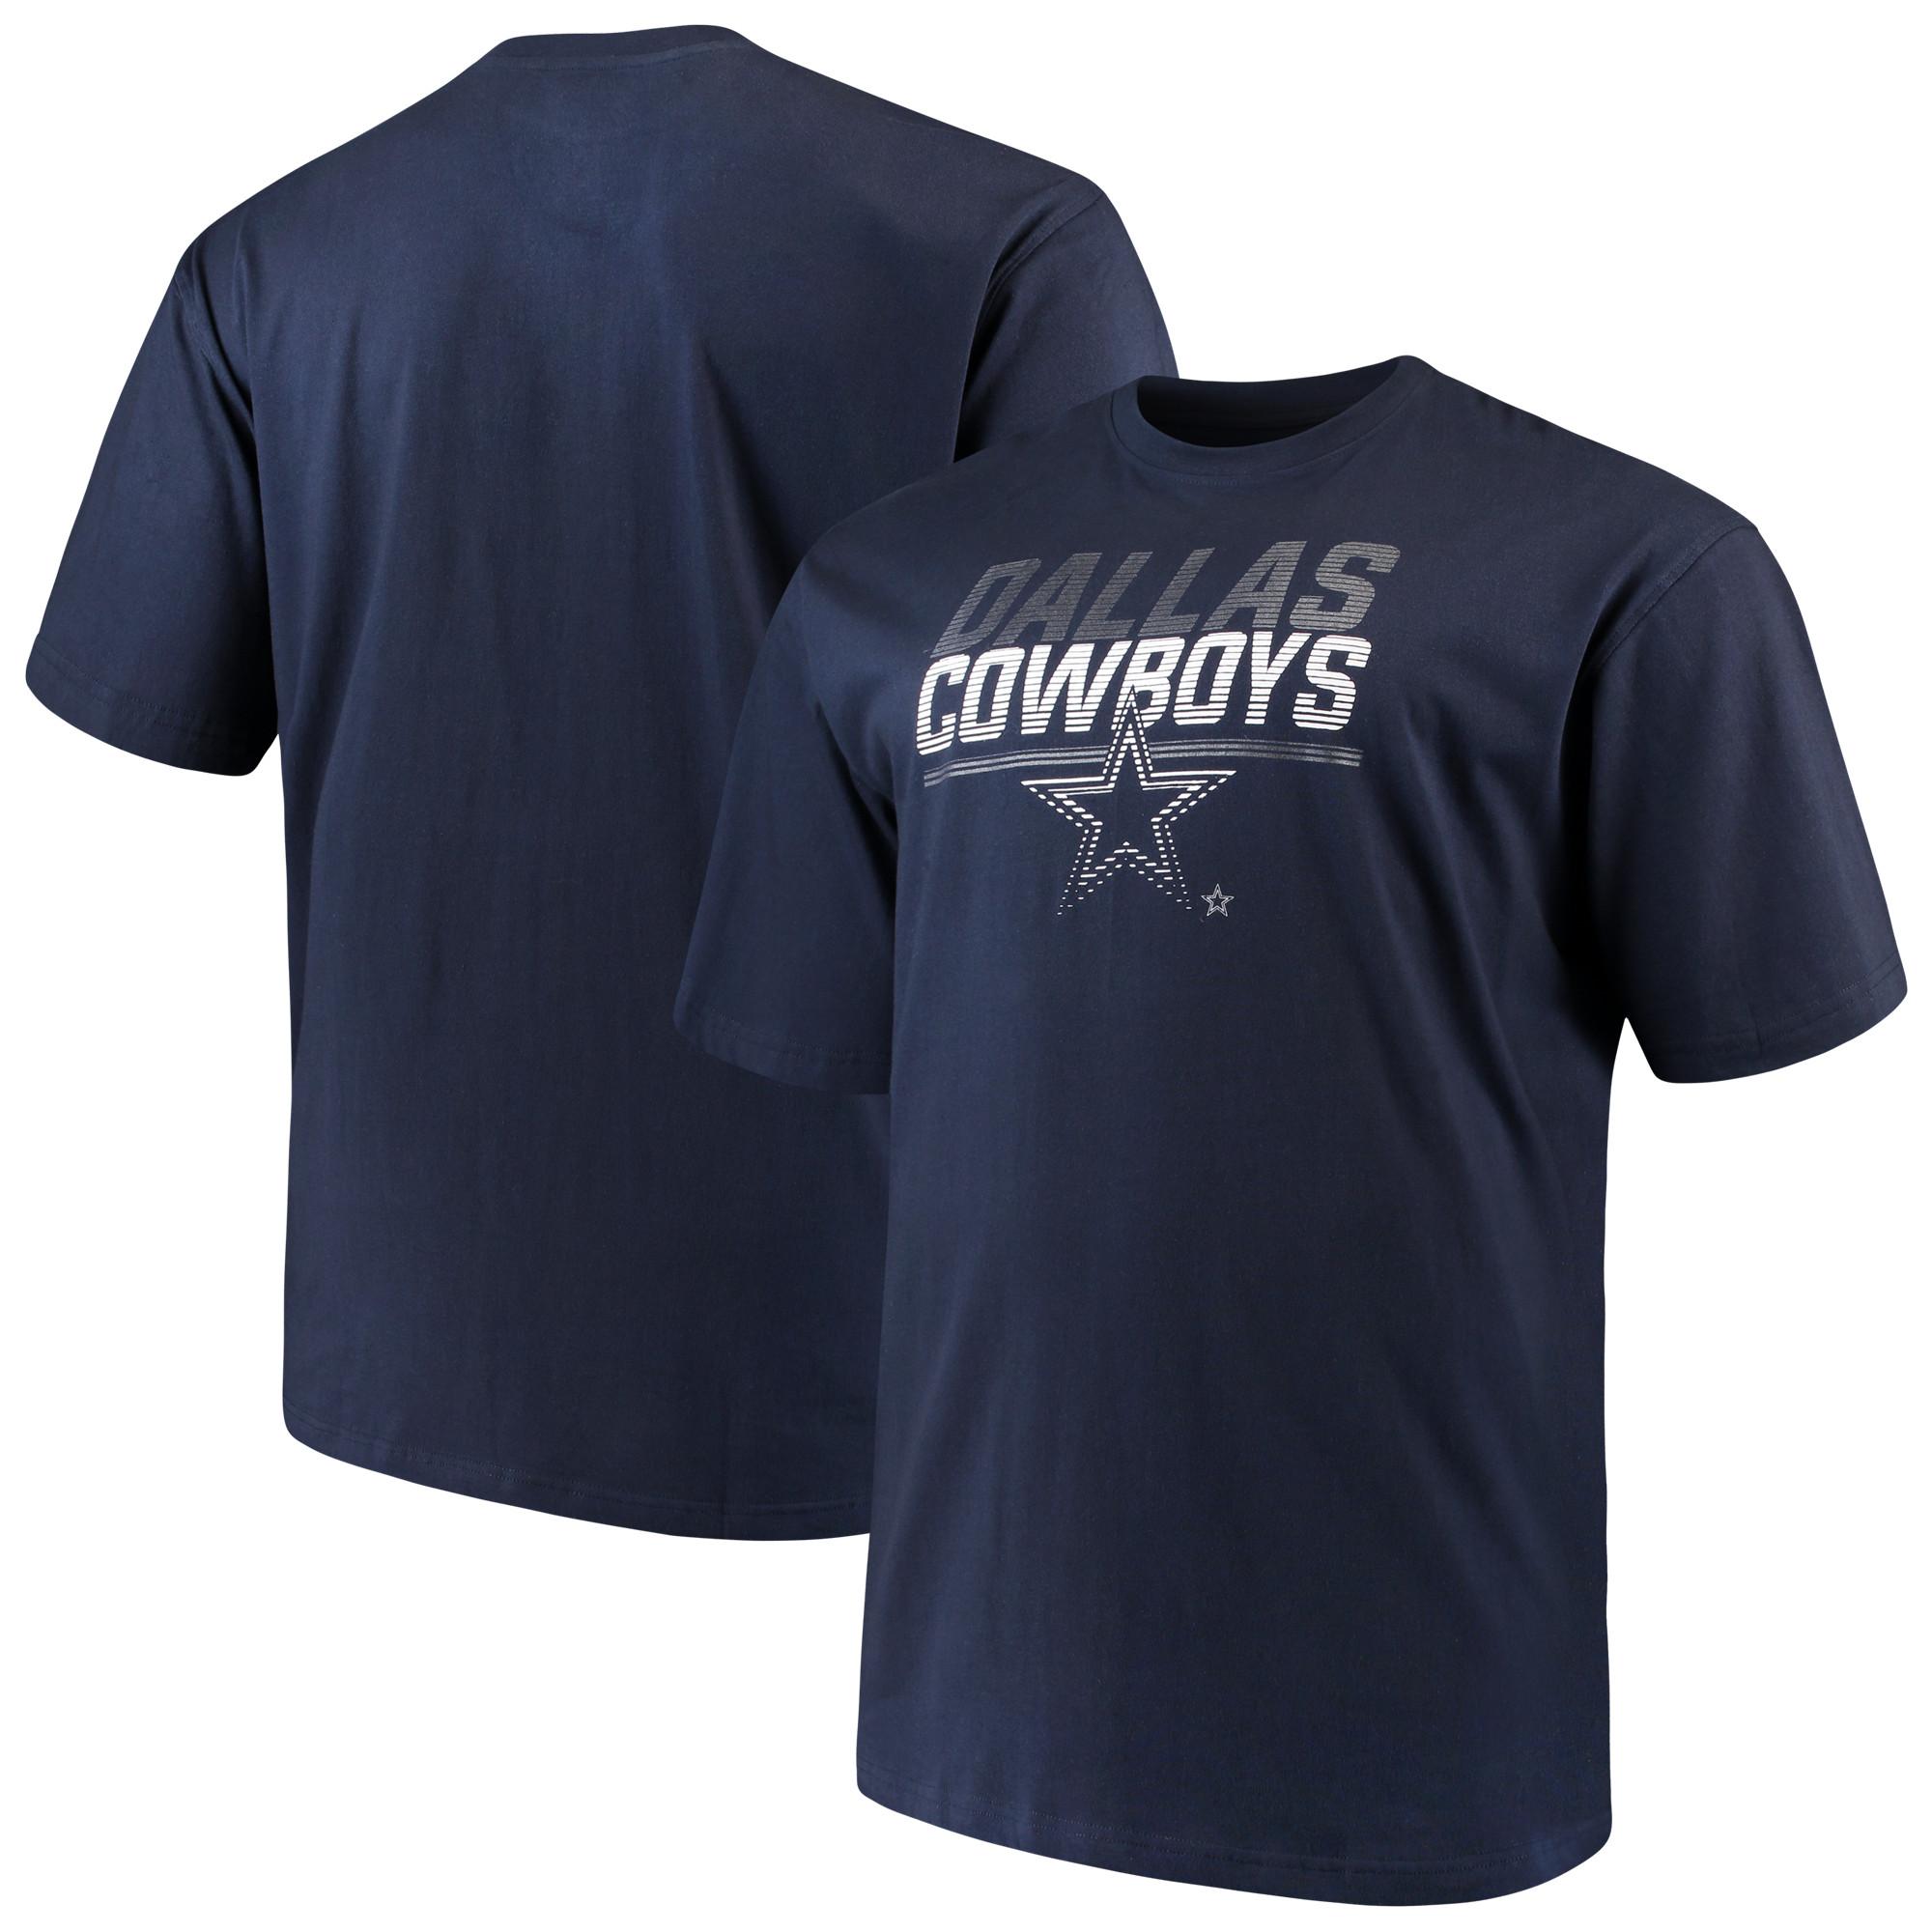 Dallas Cowboys Reflective T-Shirt - Navy